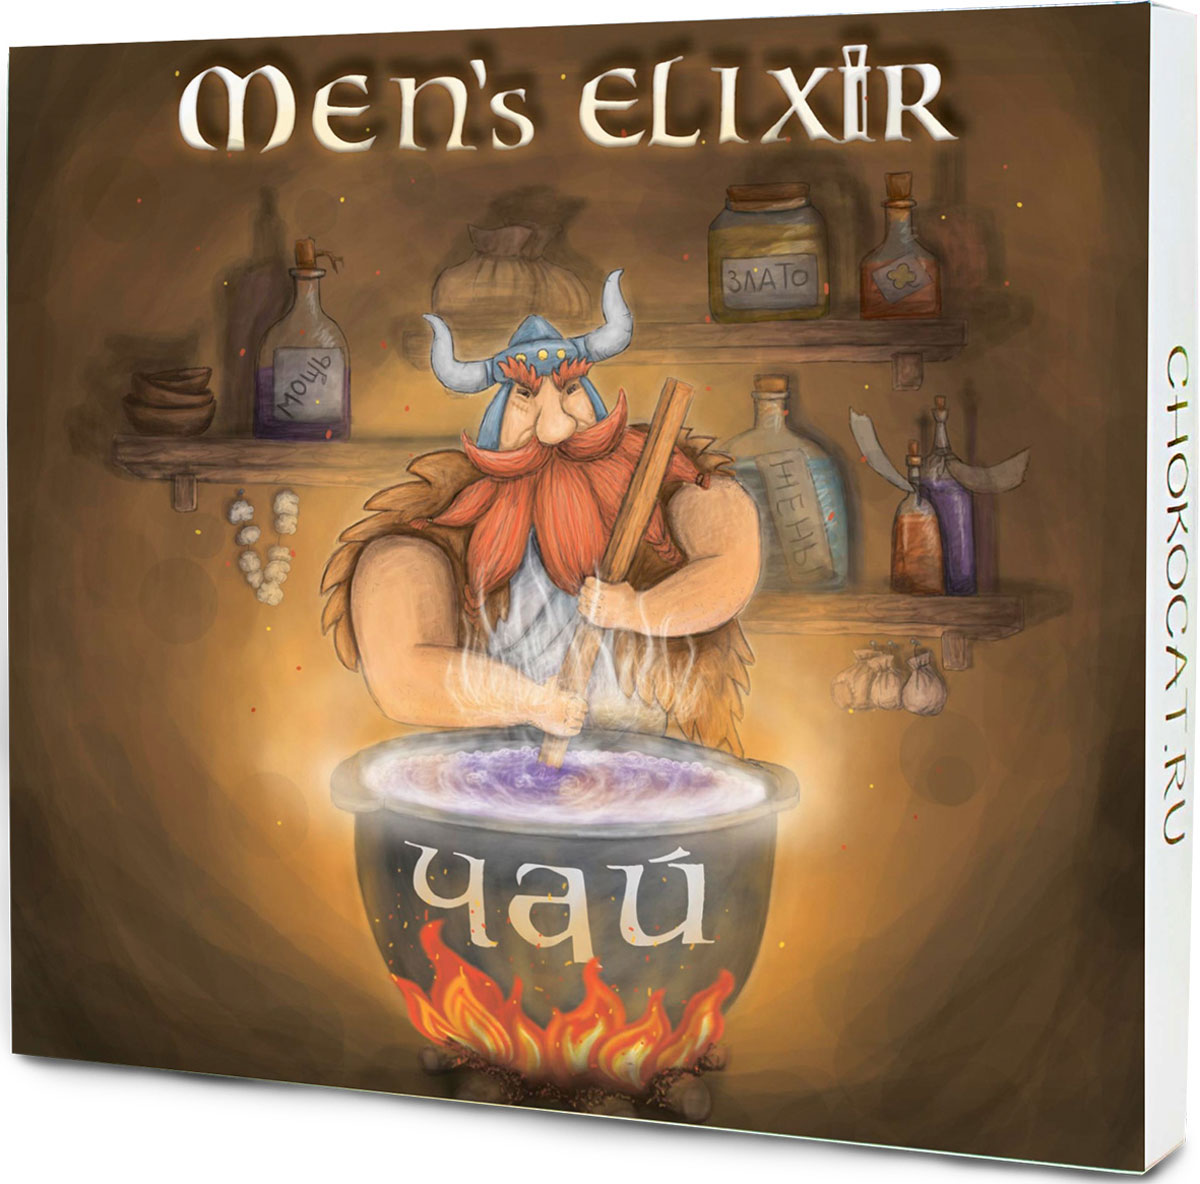 Chokocat Мужской эликсир подарочный набор 3 вида чая, 30 г dolche vita от всего сердца подарочный набор 3 вида чая 120 г